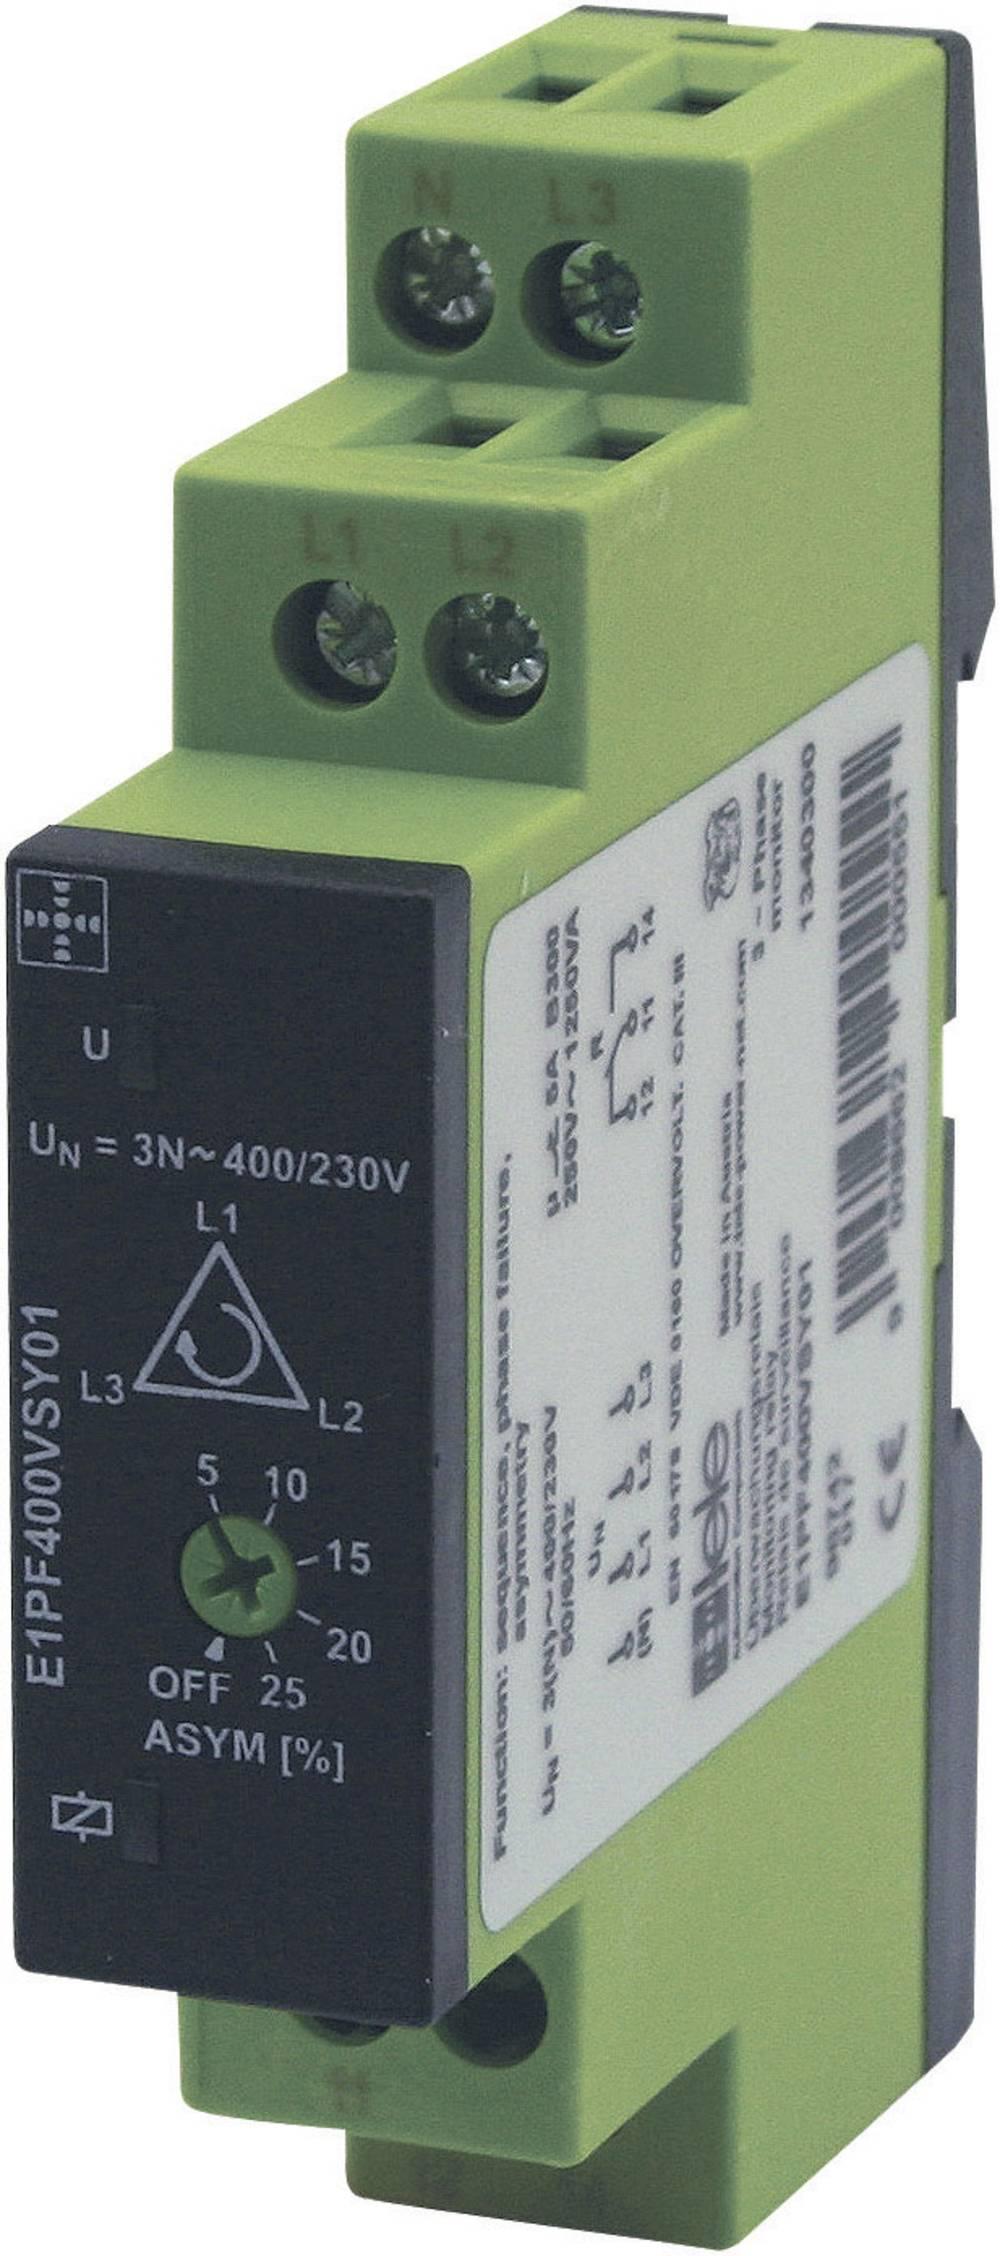 TELE-Nadzorni rele trifazne napetosti serije ENYA E1PF400VSY01 1340300